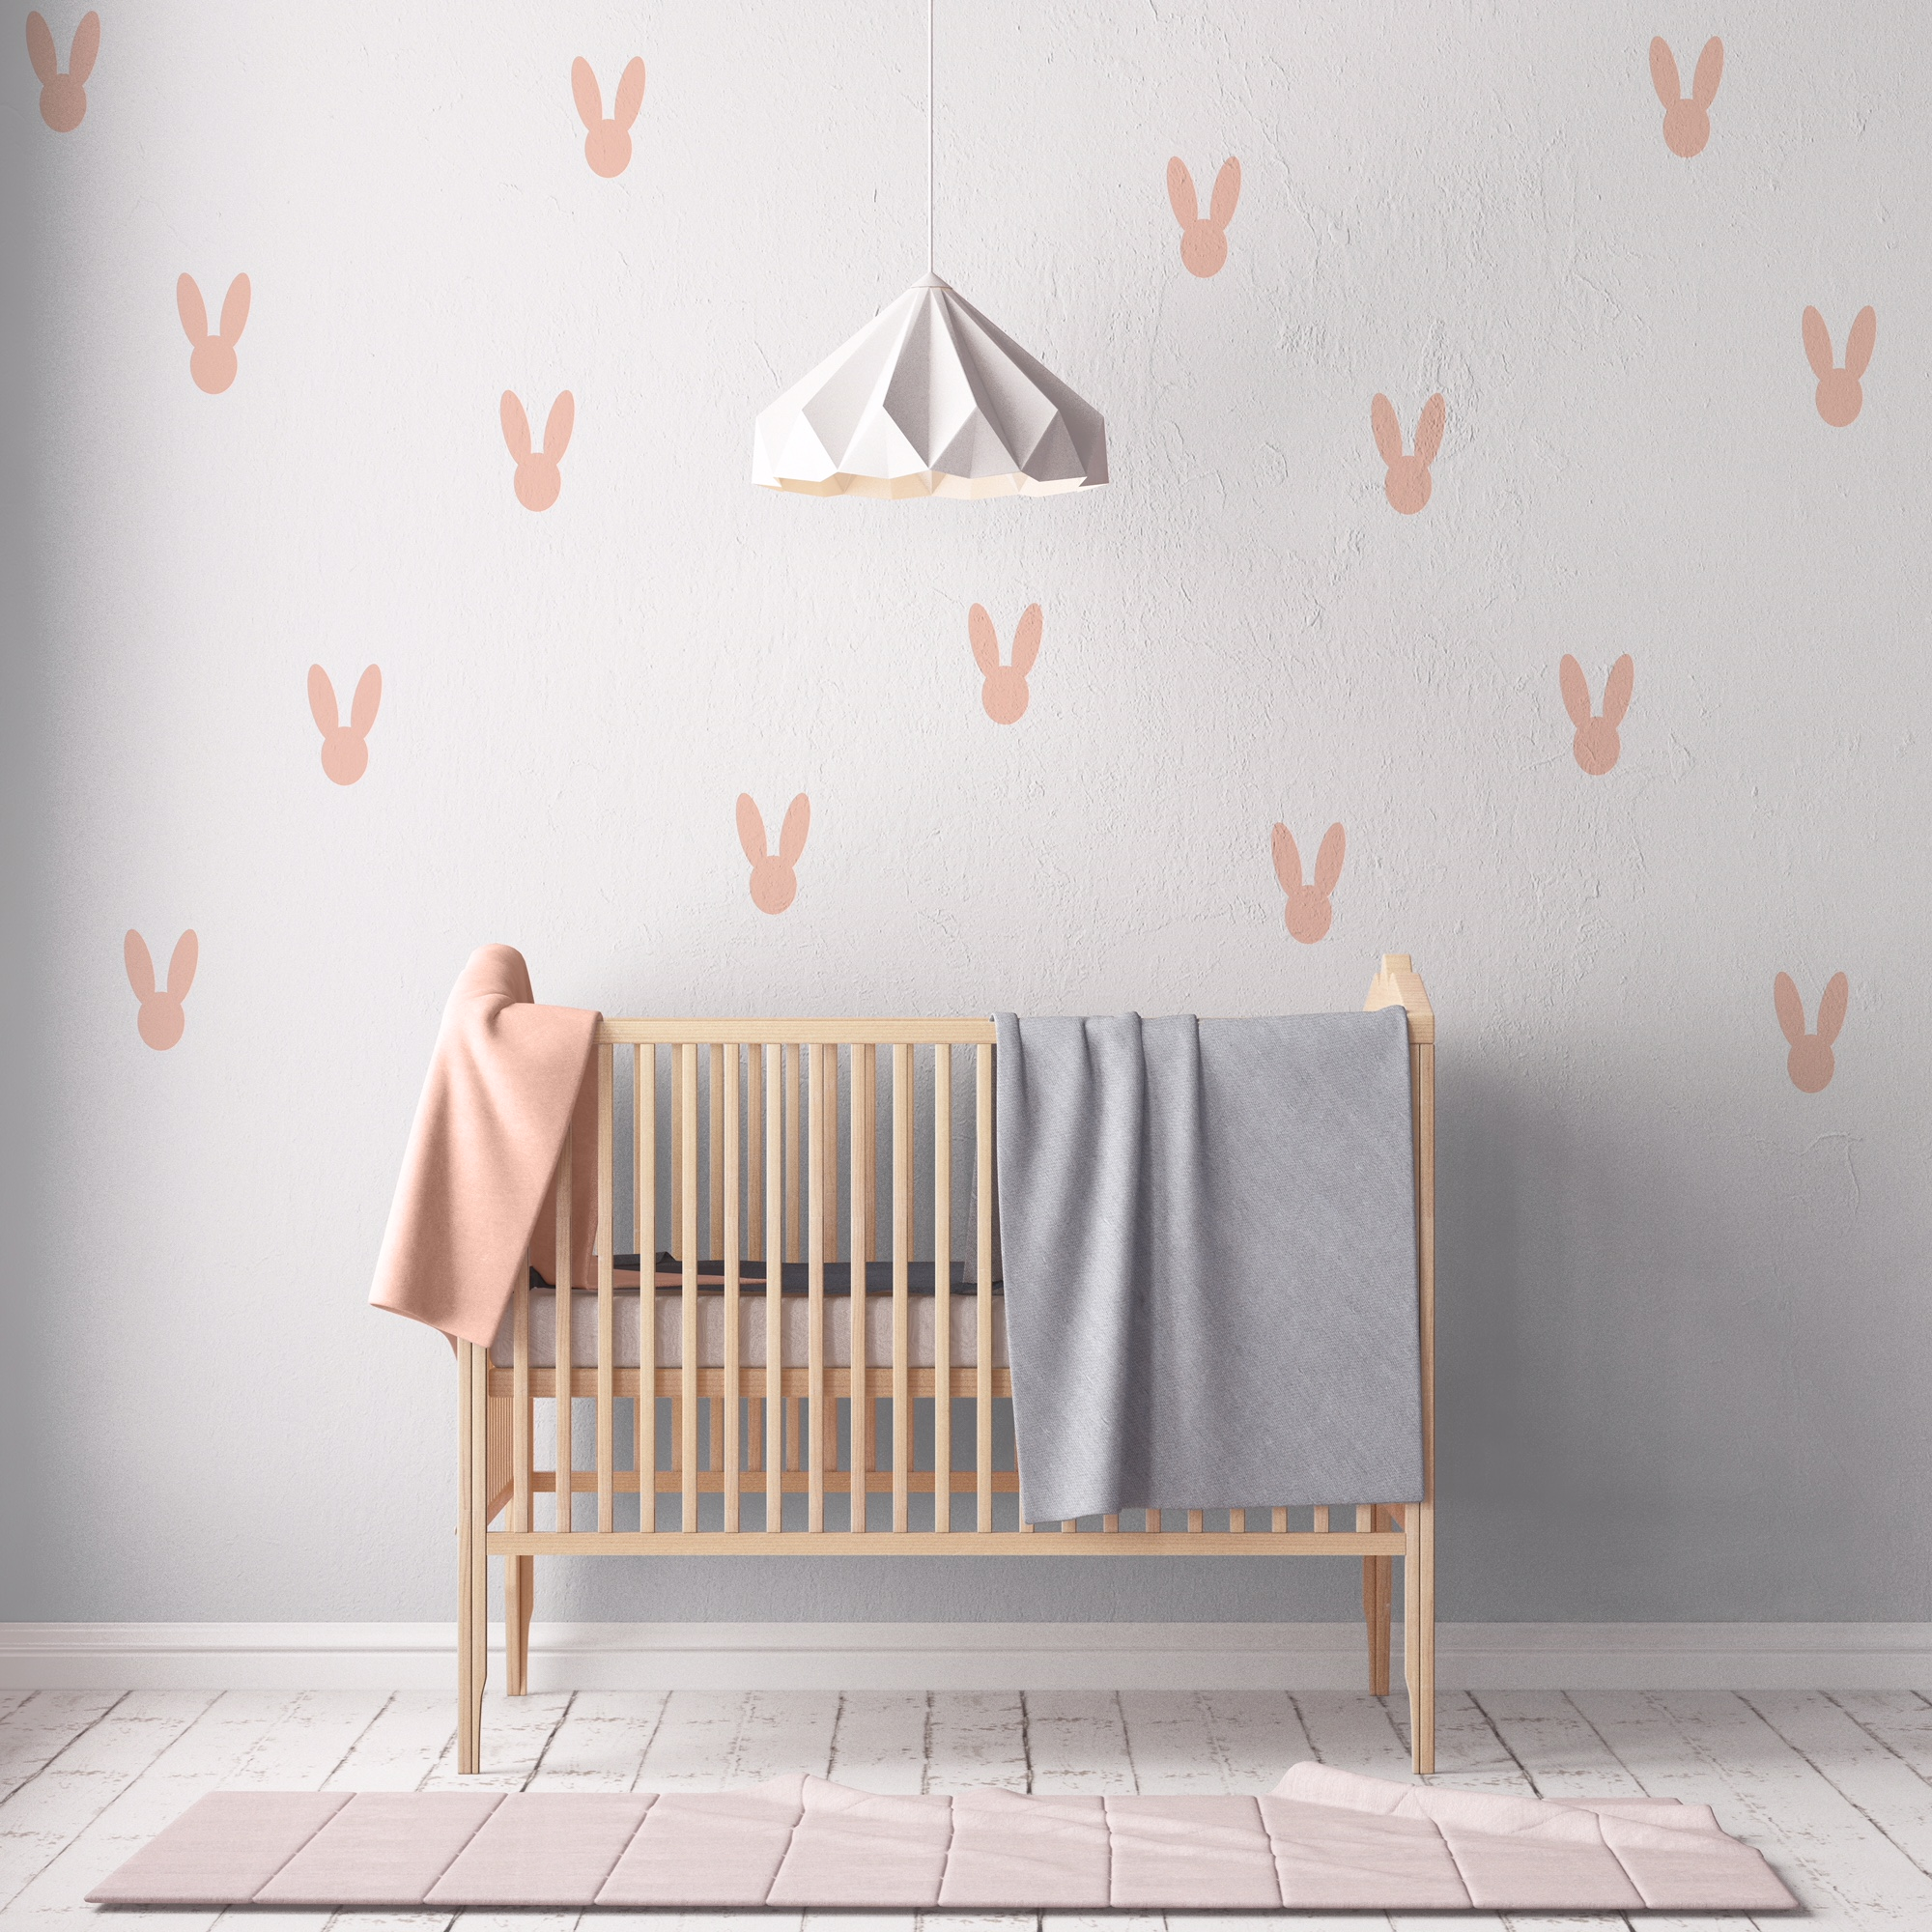 Little Love Wall Decals - Bunnies